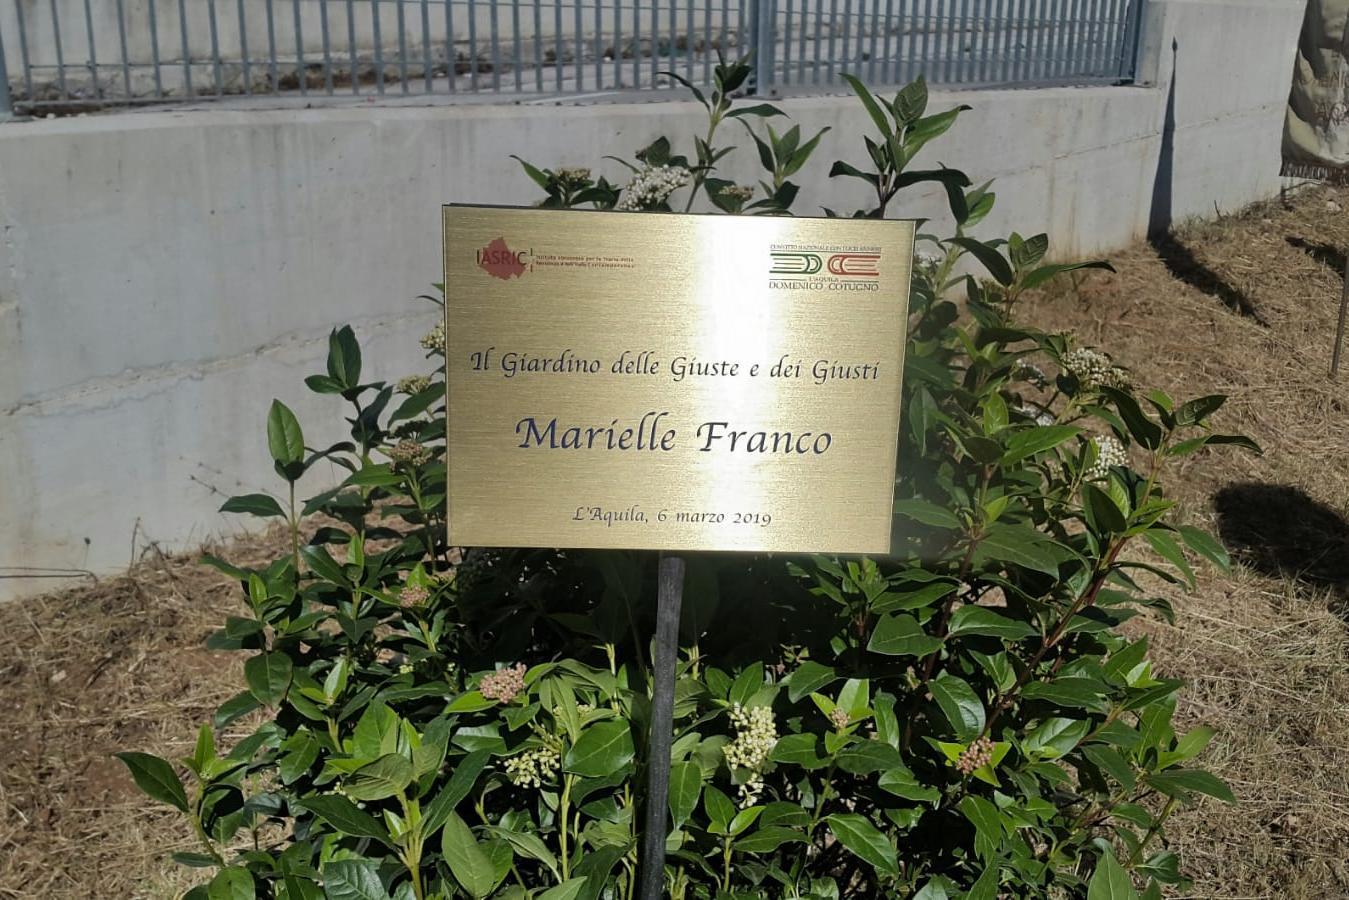 La targa per Marielle Franco